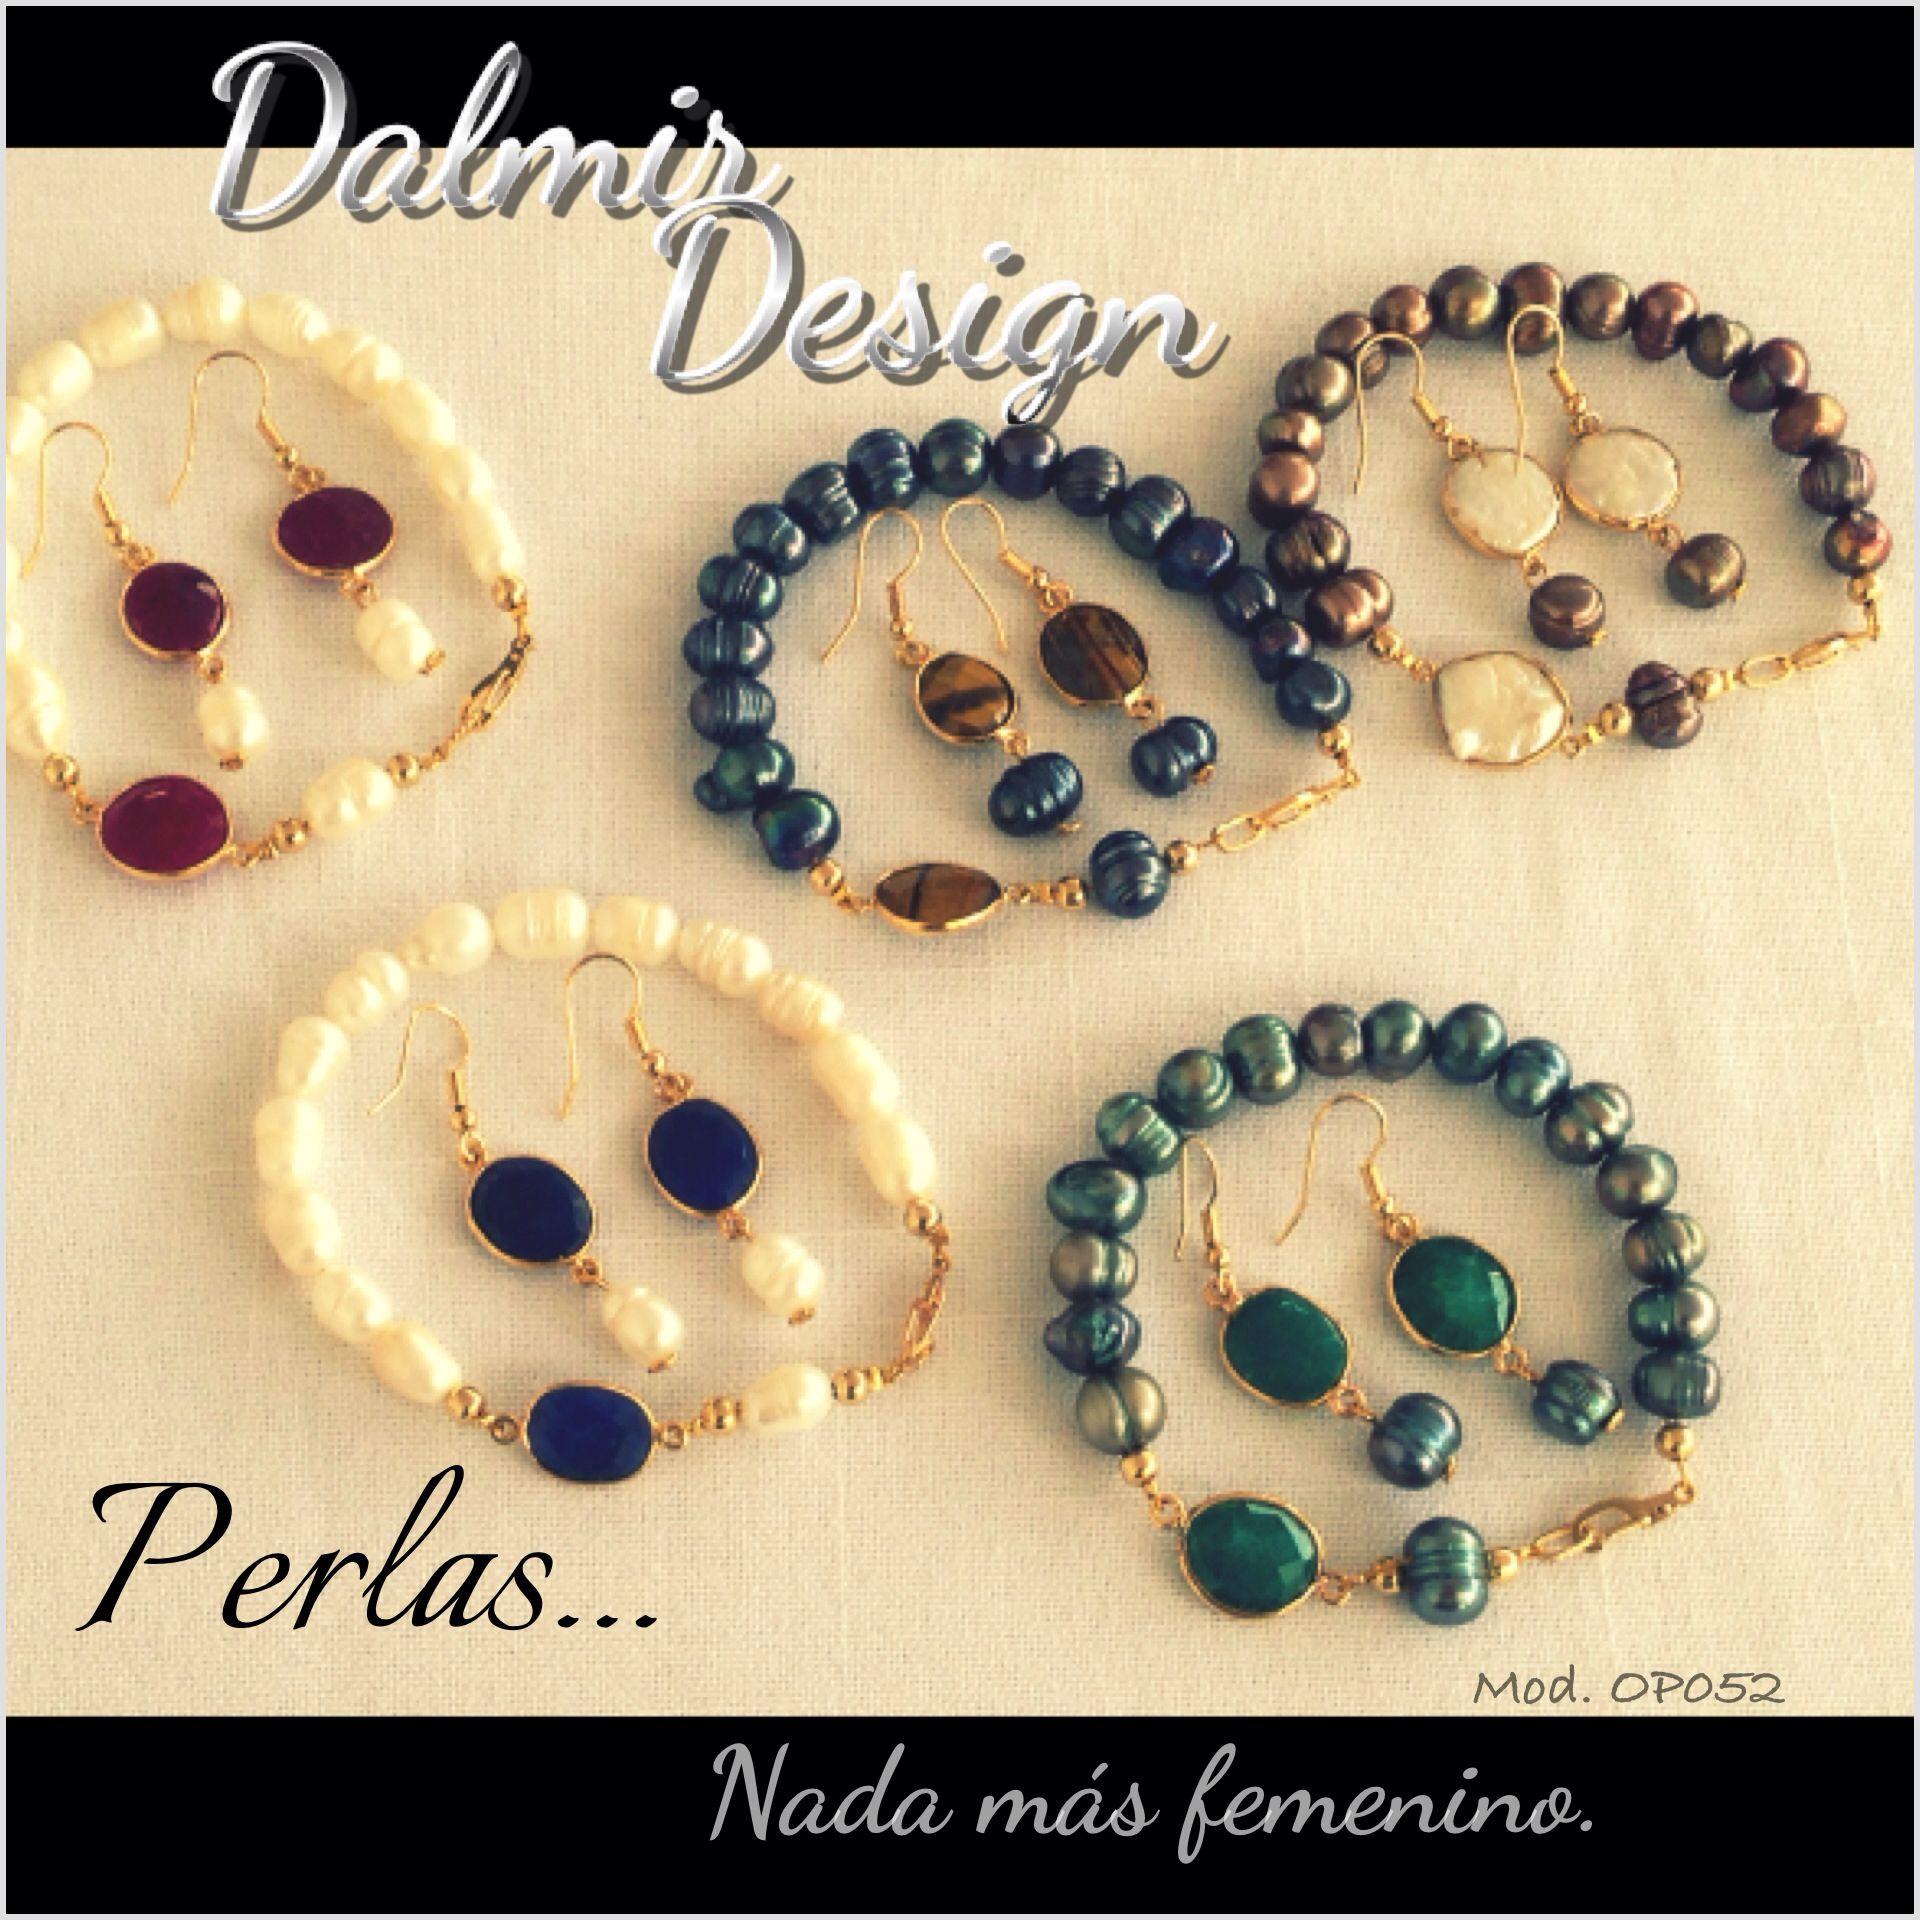 Perlas de r o piedras finas y acabados ba o de oro - Bano de oro precio ...